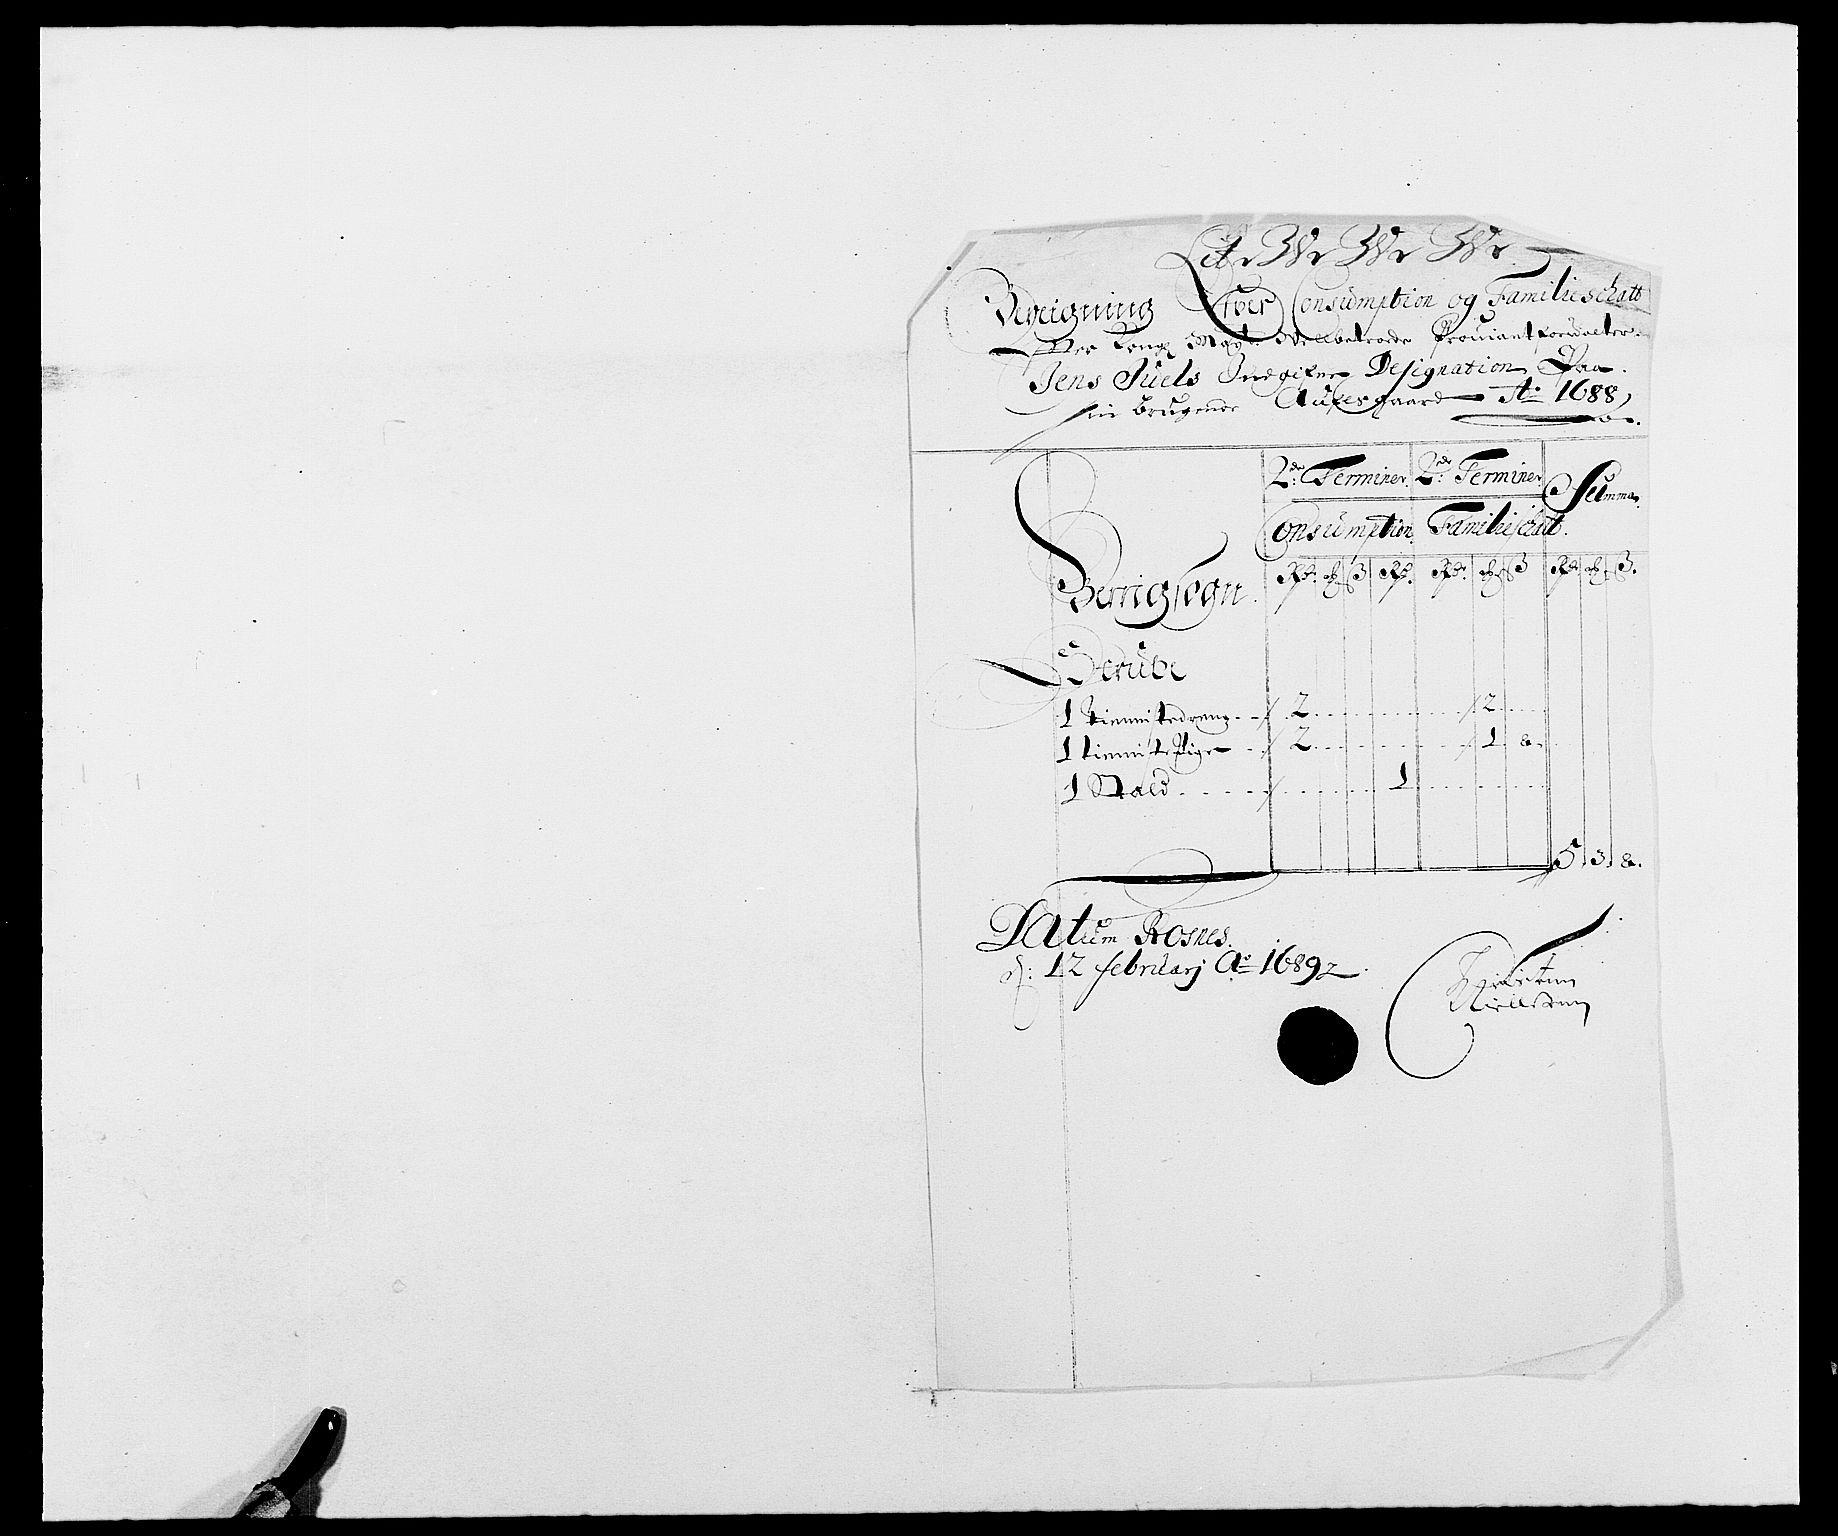 RA, Rentekammeret inntil 1814, Reviderte regnskaper, Fogderegnskap, R01/L0007: Fogderegnskap Idd og Marker, 1687-1688, s. 349